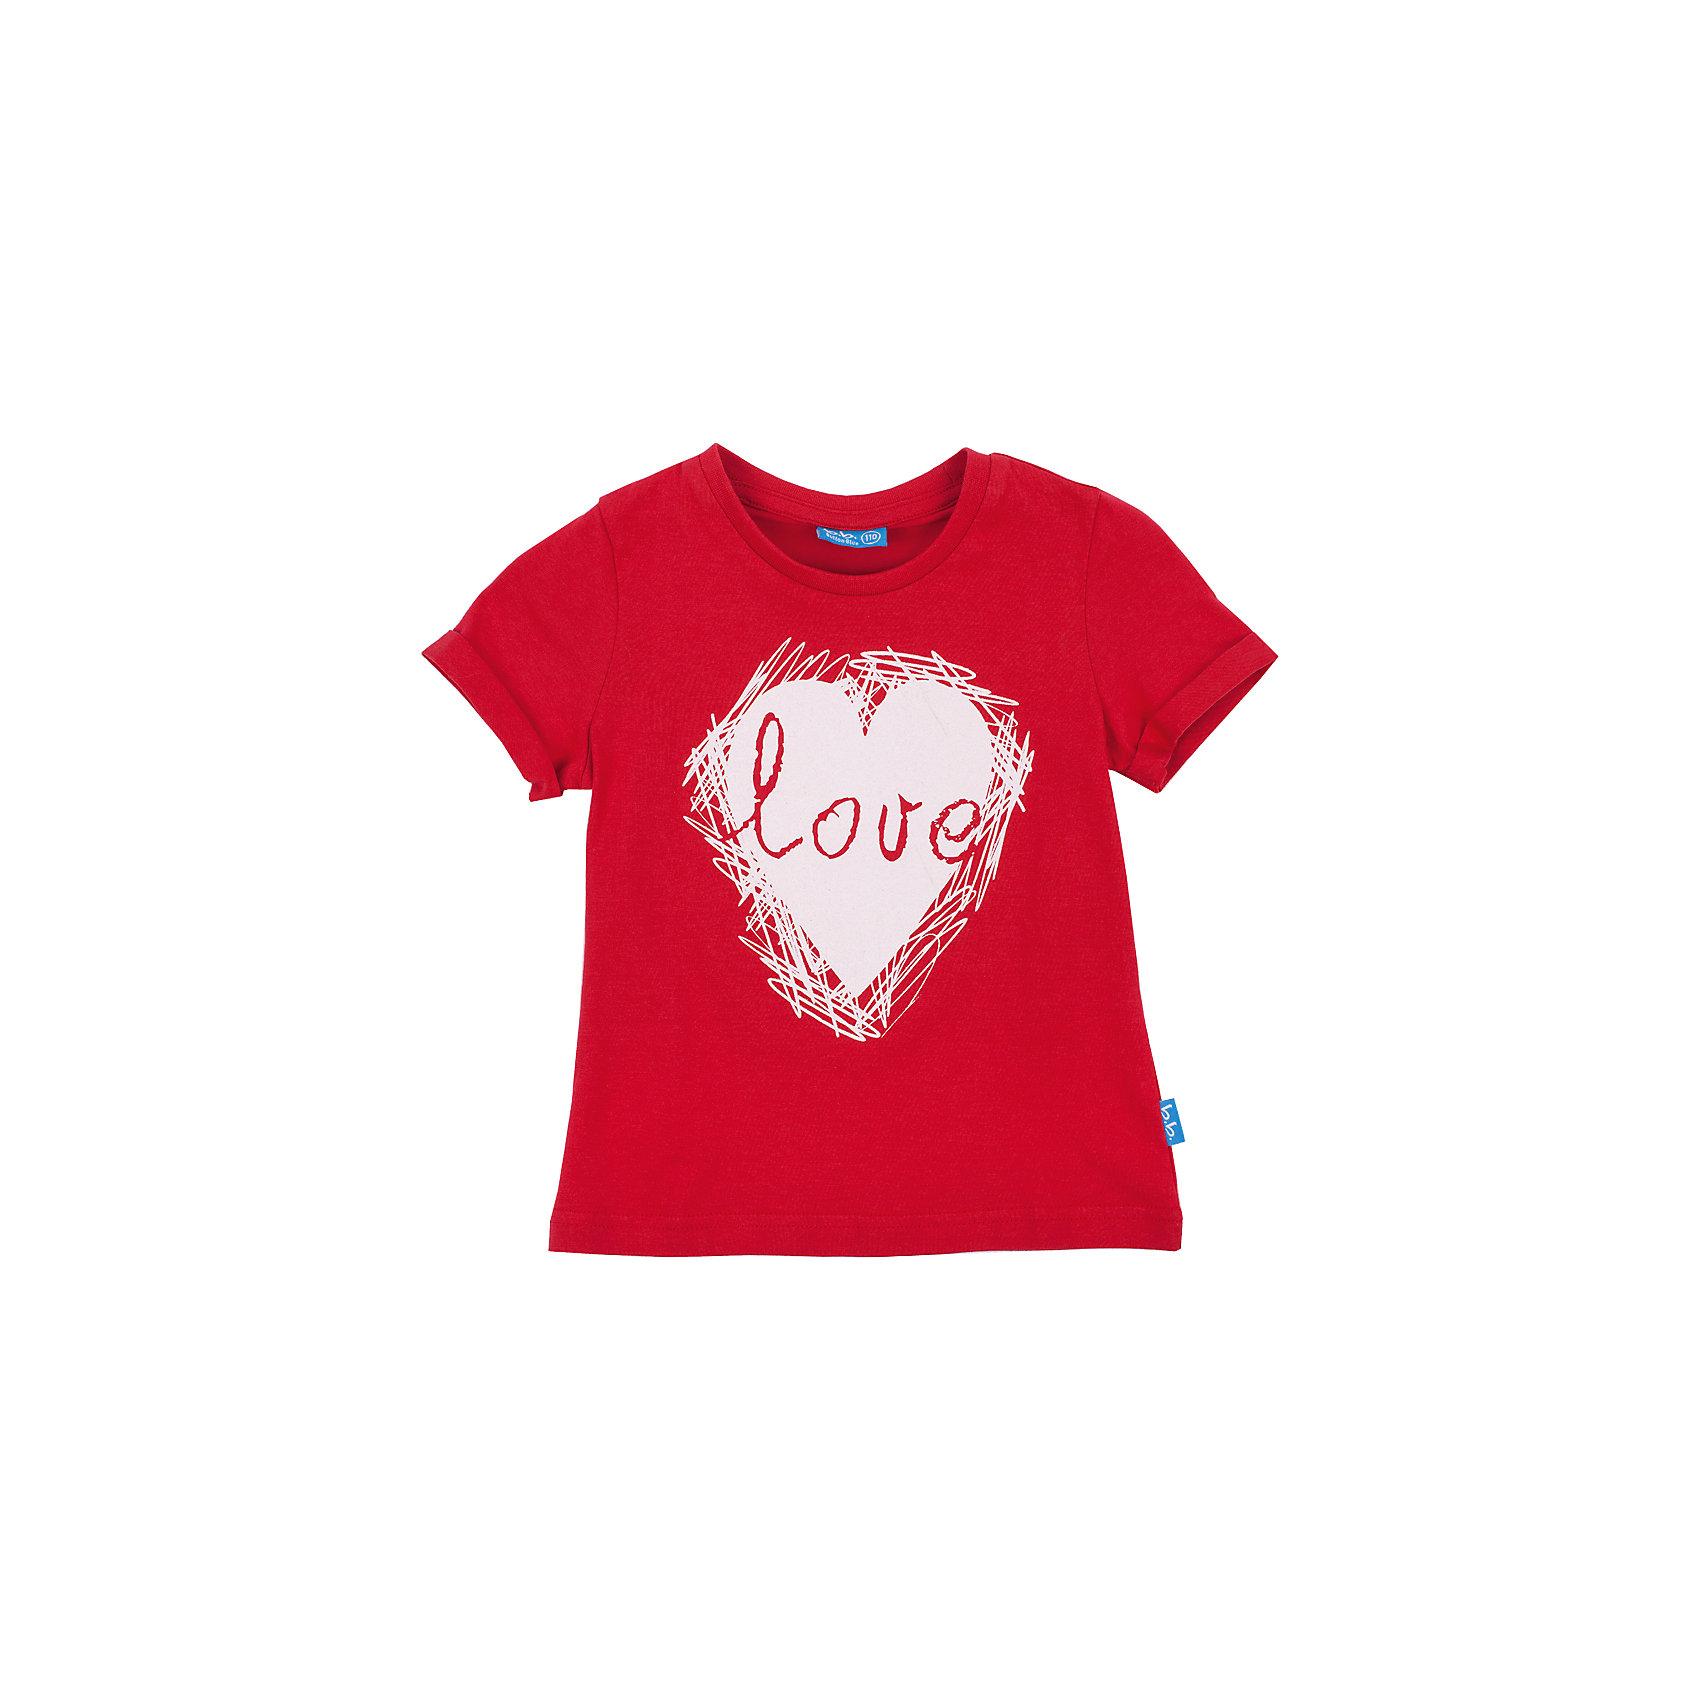 Футболка для девочки Button BlueКрасная футболка с ярким принтом - не просто базовая вещь в гардеробе ребенка, а залог хорошего летнего настроения! Отличное качество и доступная цена прилагаются. Если вы решили купить недорого красную футболку для девочки, выберете модель футболки с оригинальным принтом, и ваш ребенок будет доволен!<br>Состав:<br>100% хлопок<br><br>Ширина мм: 199<br>Глубина мм: 10<br>Высота мм: 161<br>Вес г: 151<br>Цвет: красный<br>Возраст от месяцев: 48<br>Возраст до месяцев: 60<br>Пол: Женский<br>Возраст: Детский<br>Размер: 110,104,128,122,98,116<br>SKU: 4510004